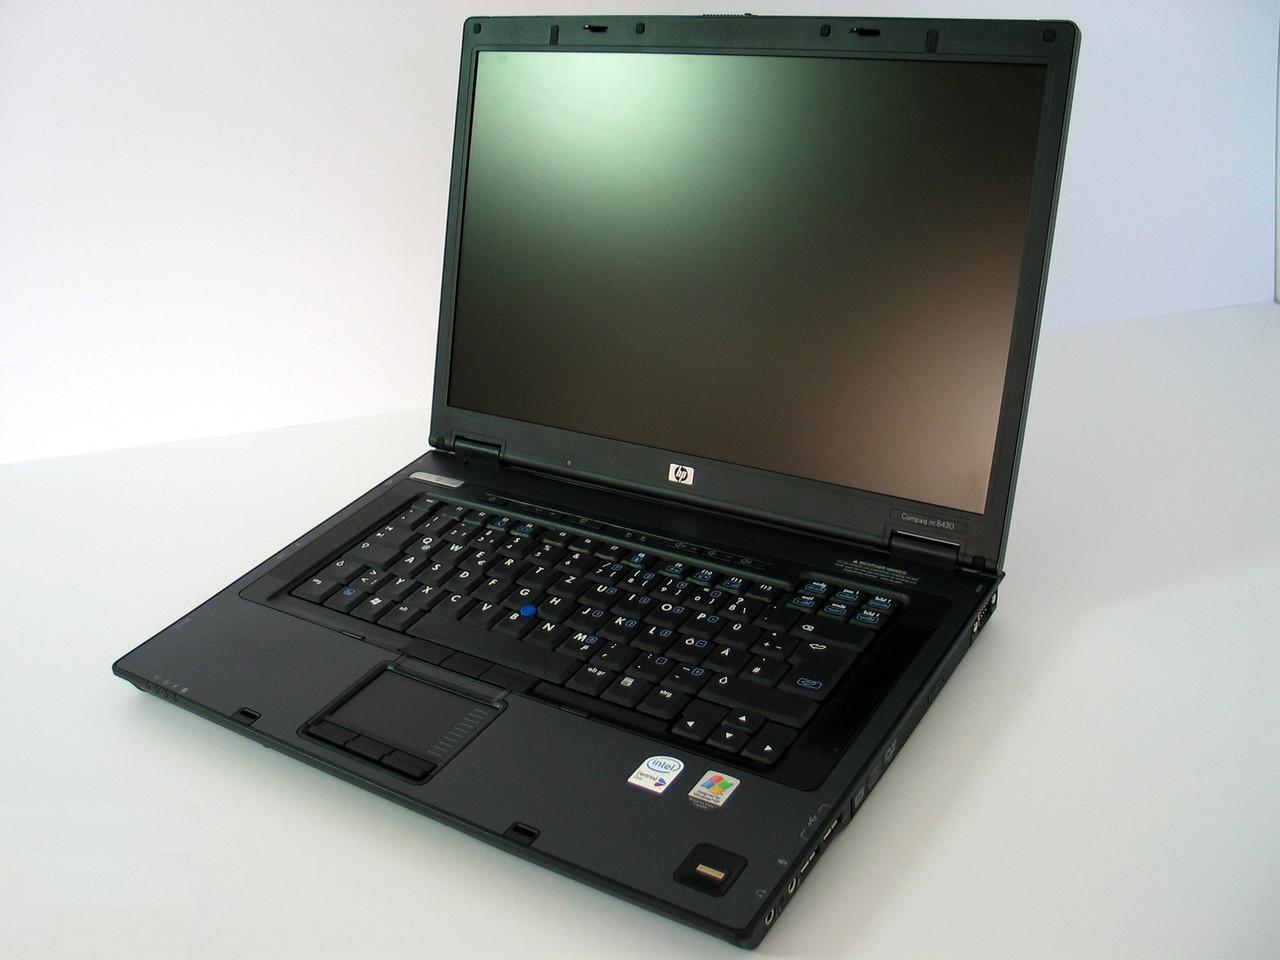 НоутбукHP Compaq NC 8430